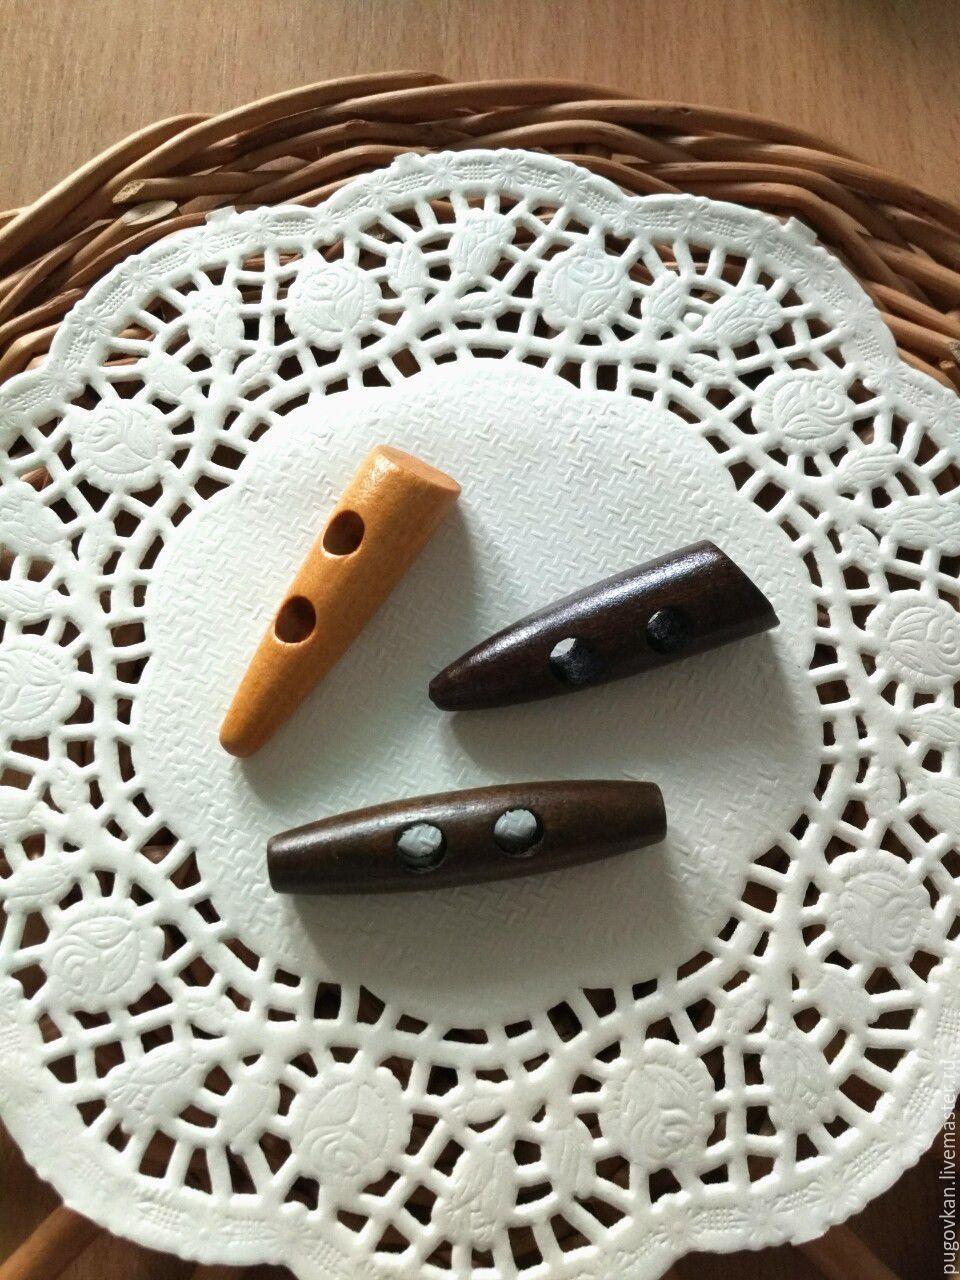 Пуговицы деревянные 4,7 см и 5 см, Пуговицы, Глазов, Фото №1